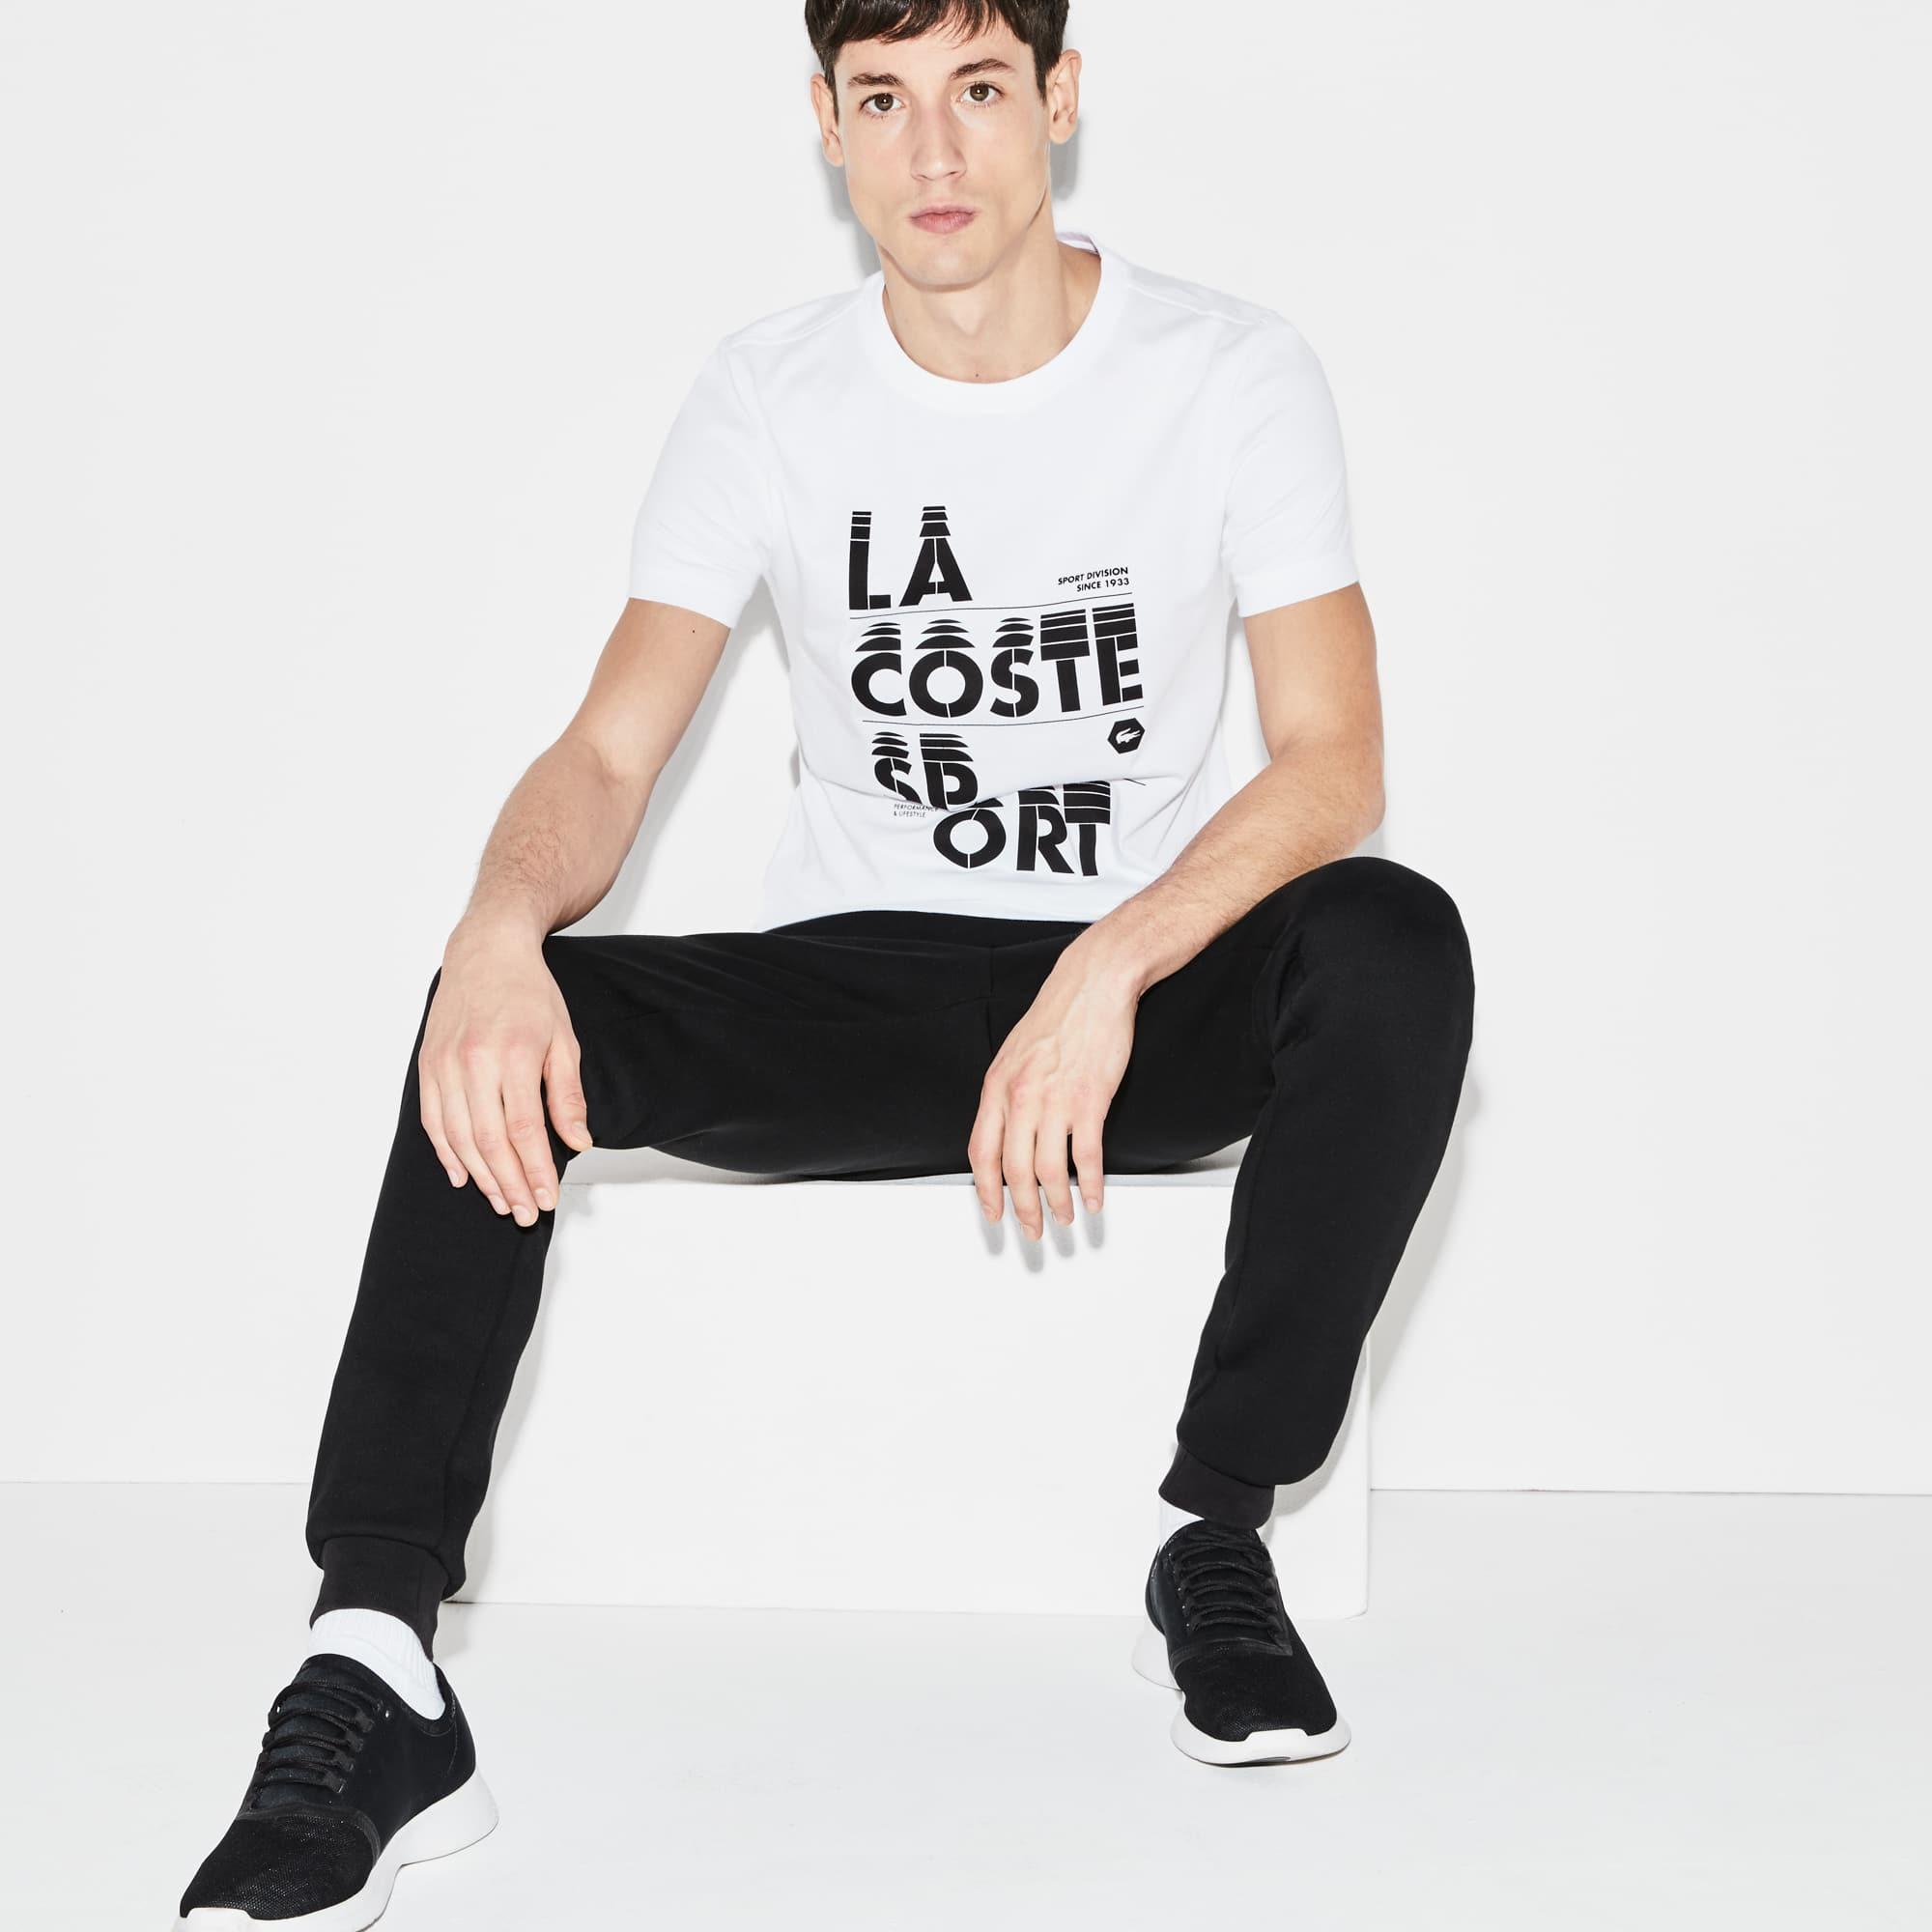 Camiseta Inscripción Hombre Tenis Lacoste Sport